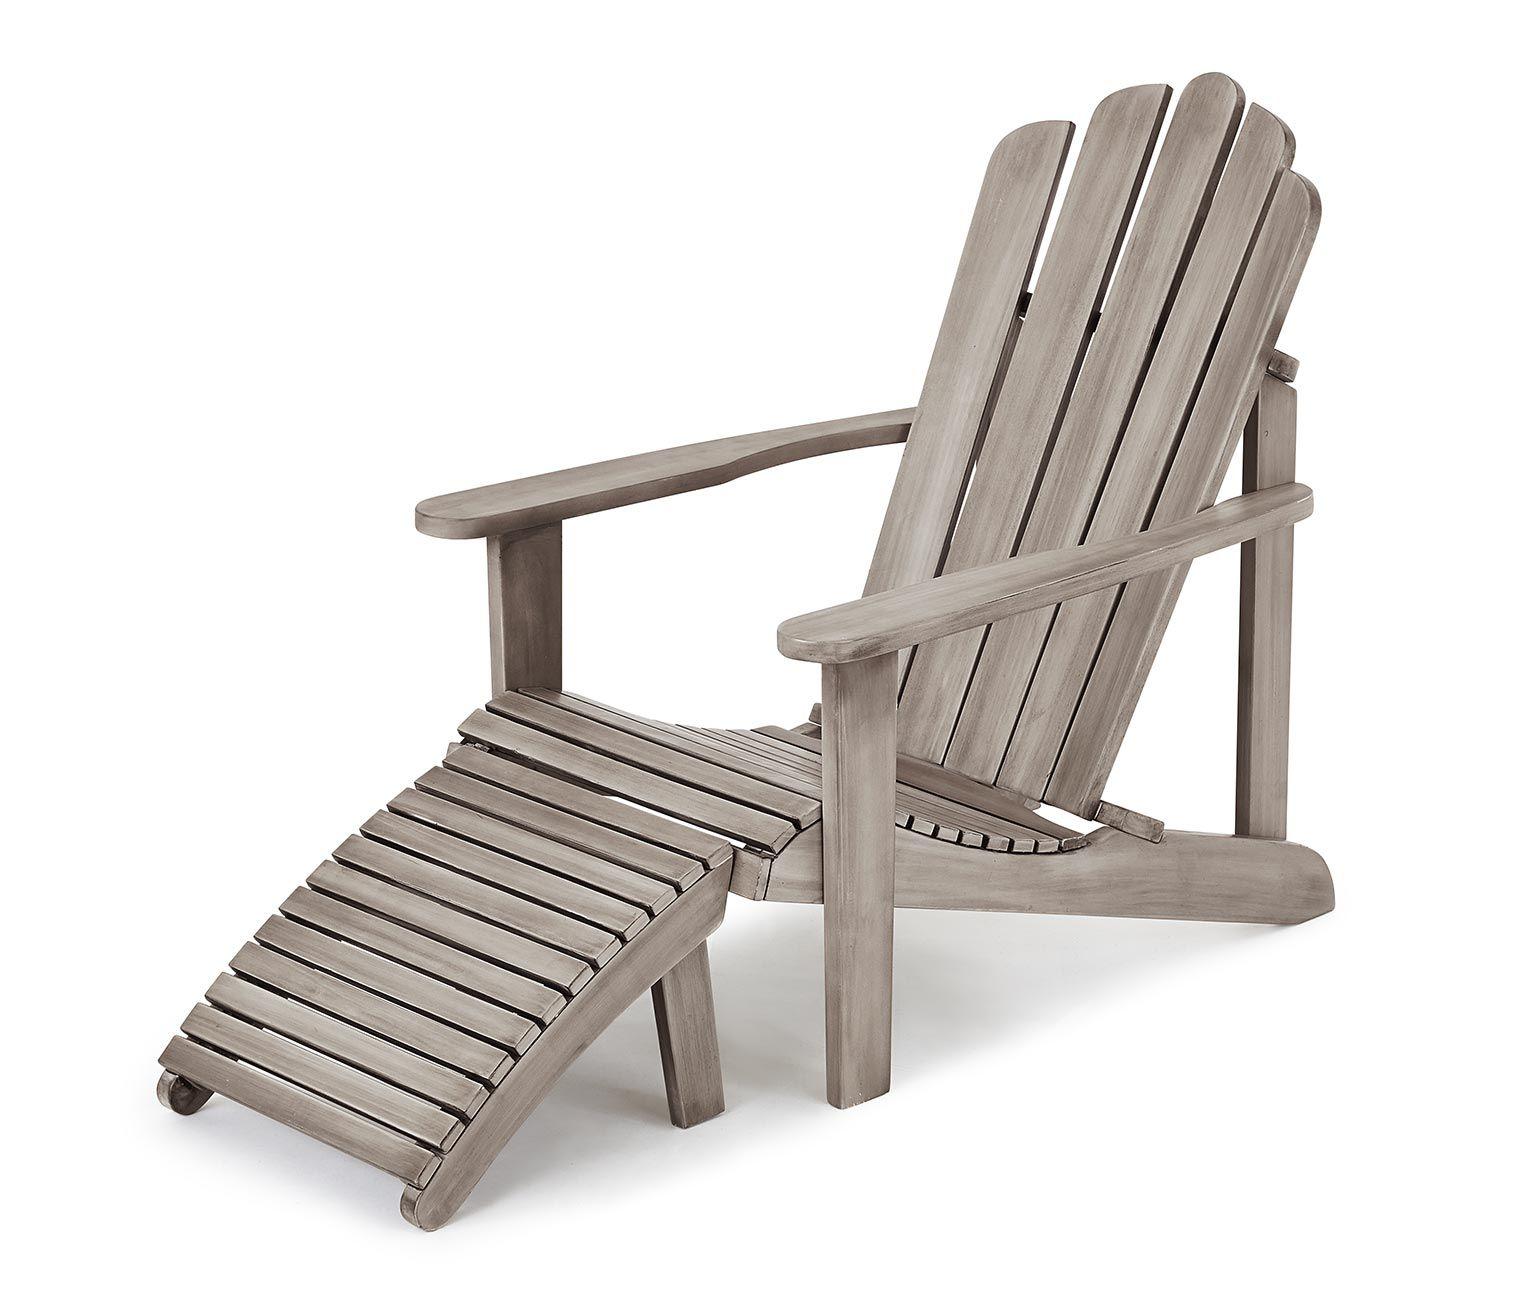 179,00 € Gartenmöbel aus hochwertigem Akazienholz FSC® 100% Der ...